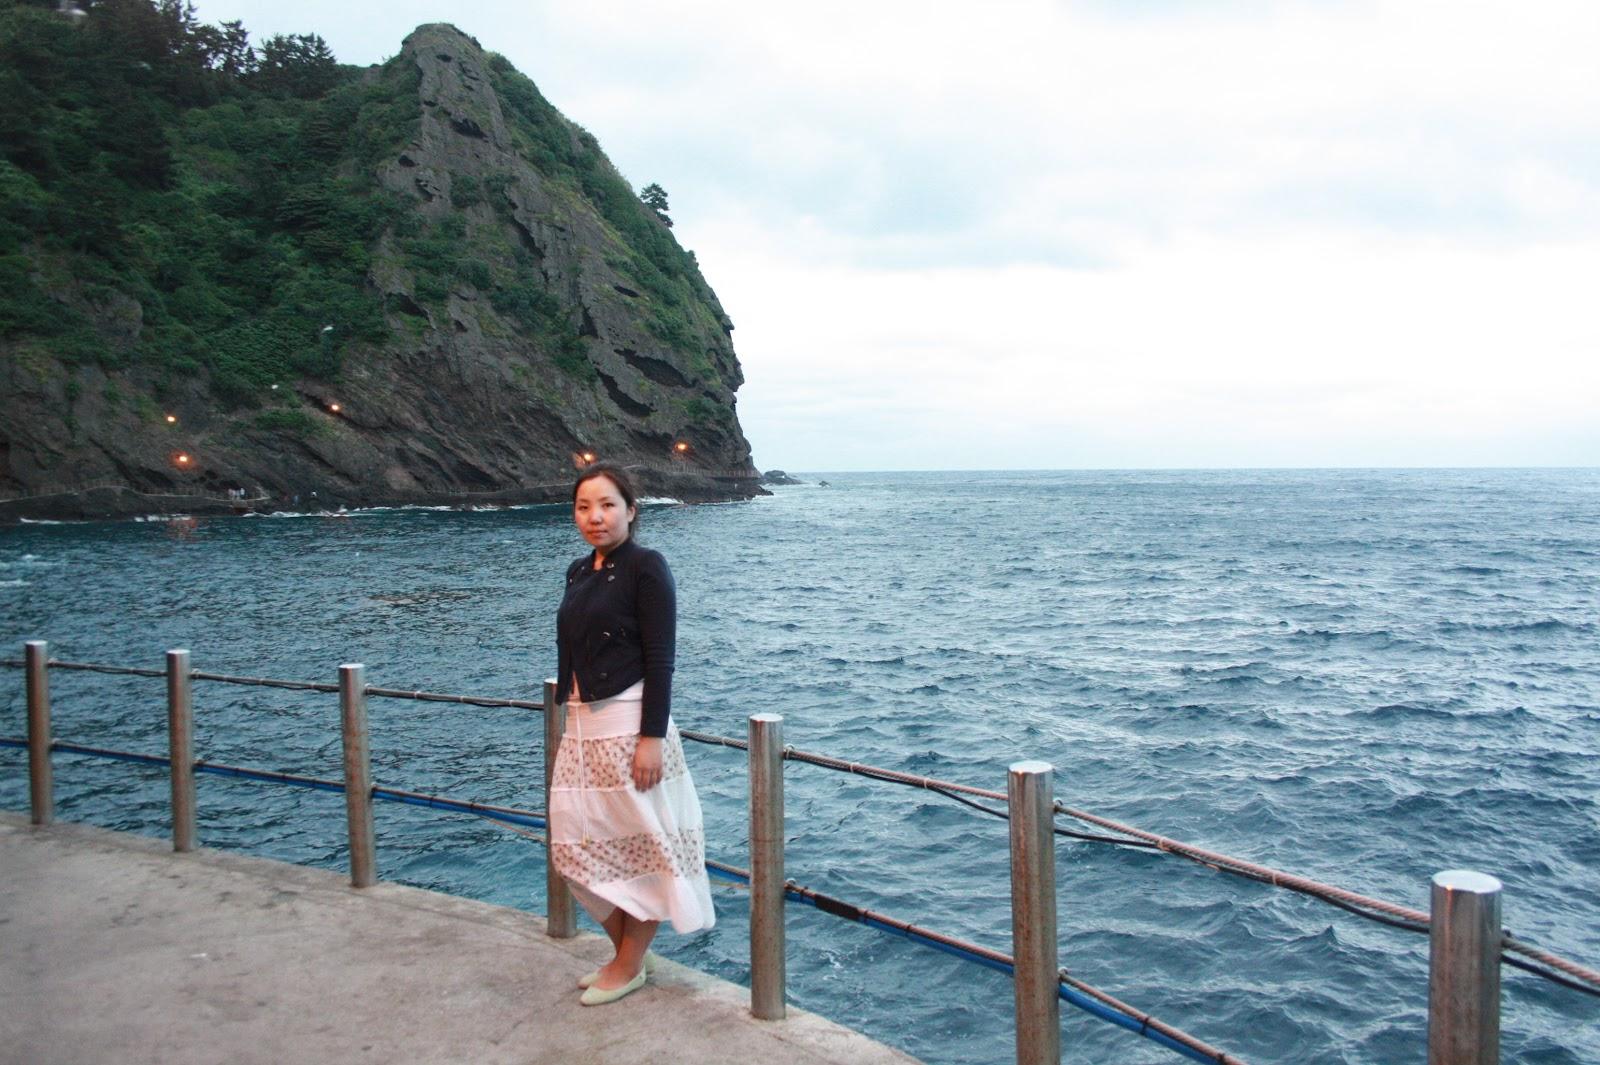 A window to My life in Wonderful Korea.: My amazing tour of Dokdo.